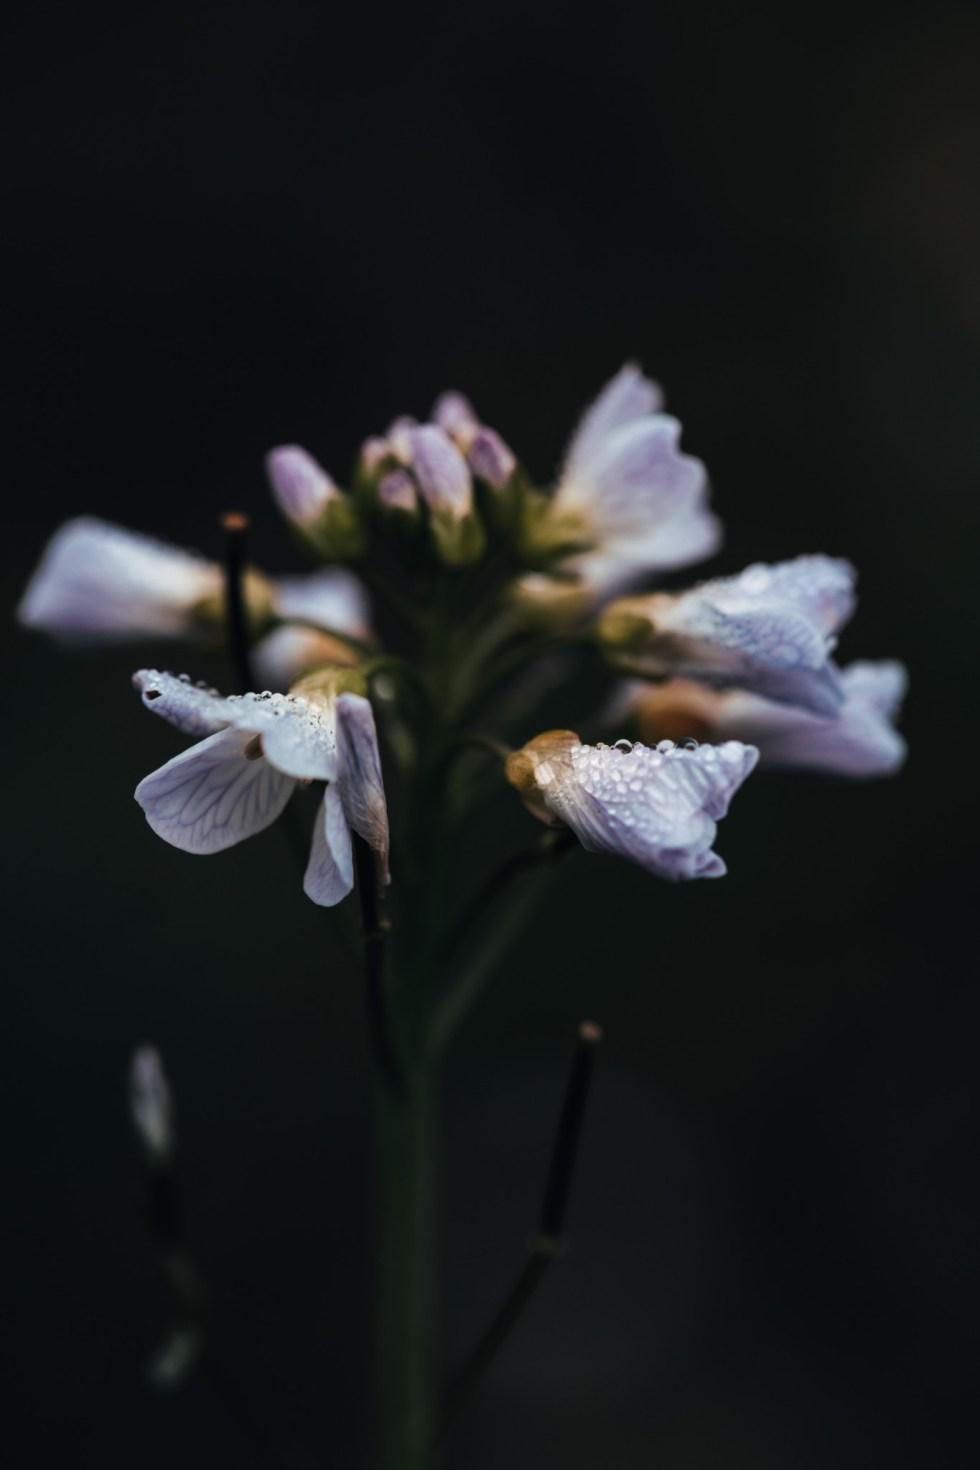 Noccaea montana (Tabouret des montagnes)